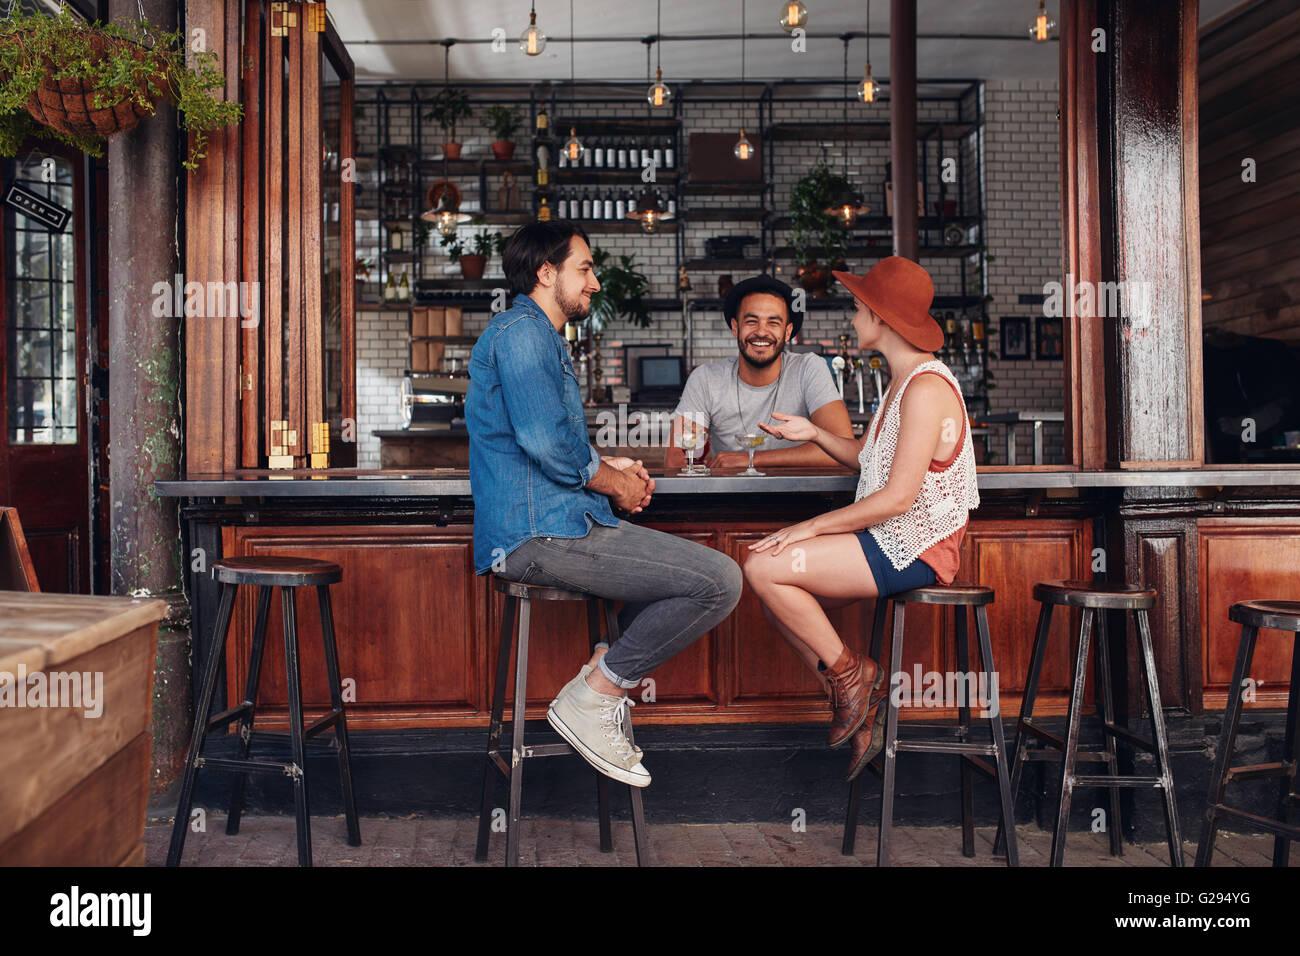 Groupe de jeunes gens assis dans un café et parler. Les jeunes hommes et de femmes réunis au café Photo Stock